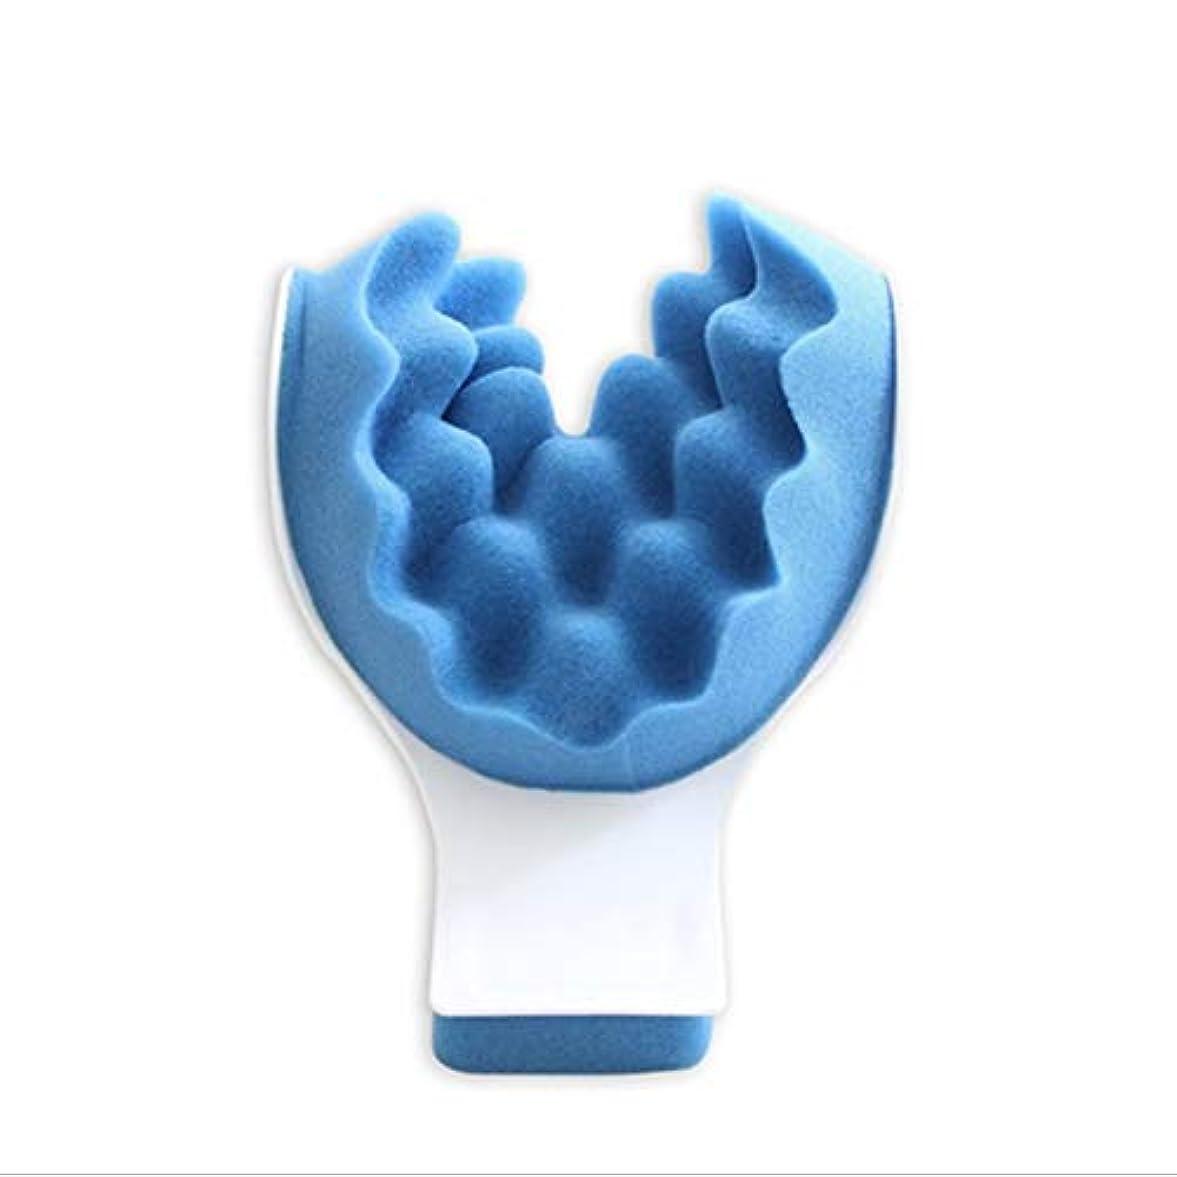 成長無秩序ペッカディロマッスルテンションリリーフタイトネスと痛みの緩和セラピーティックネックサポートテンションリリーフネック&ショルダーリラクサー - ブルー